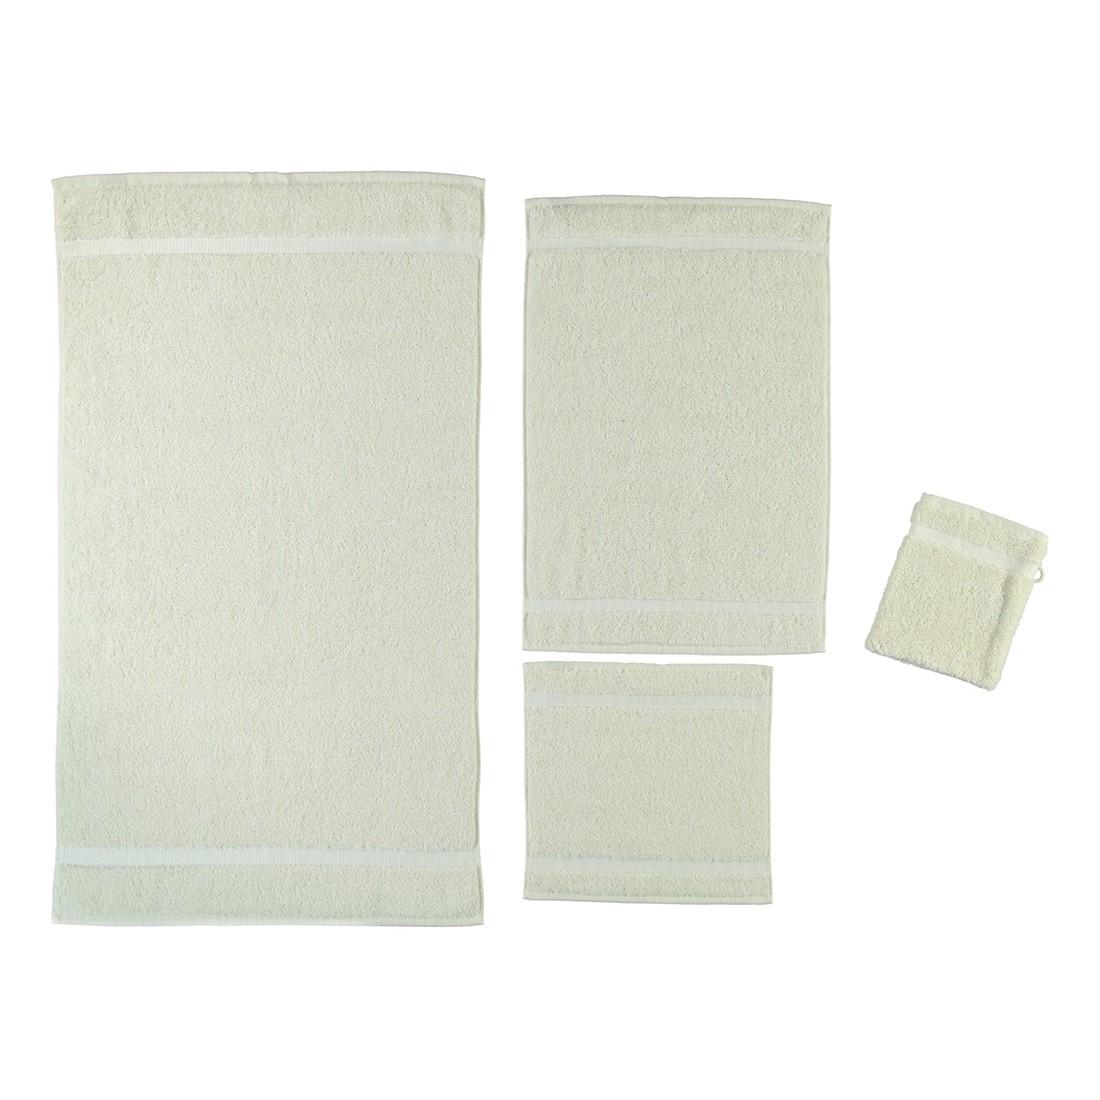 Handtuch Princess – 100% Baumwolle Natur-jasmin – 20 – Duschtuch: 70 x 130 cm, Rhomtuft bestellen